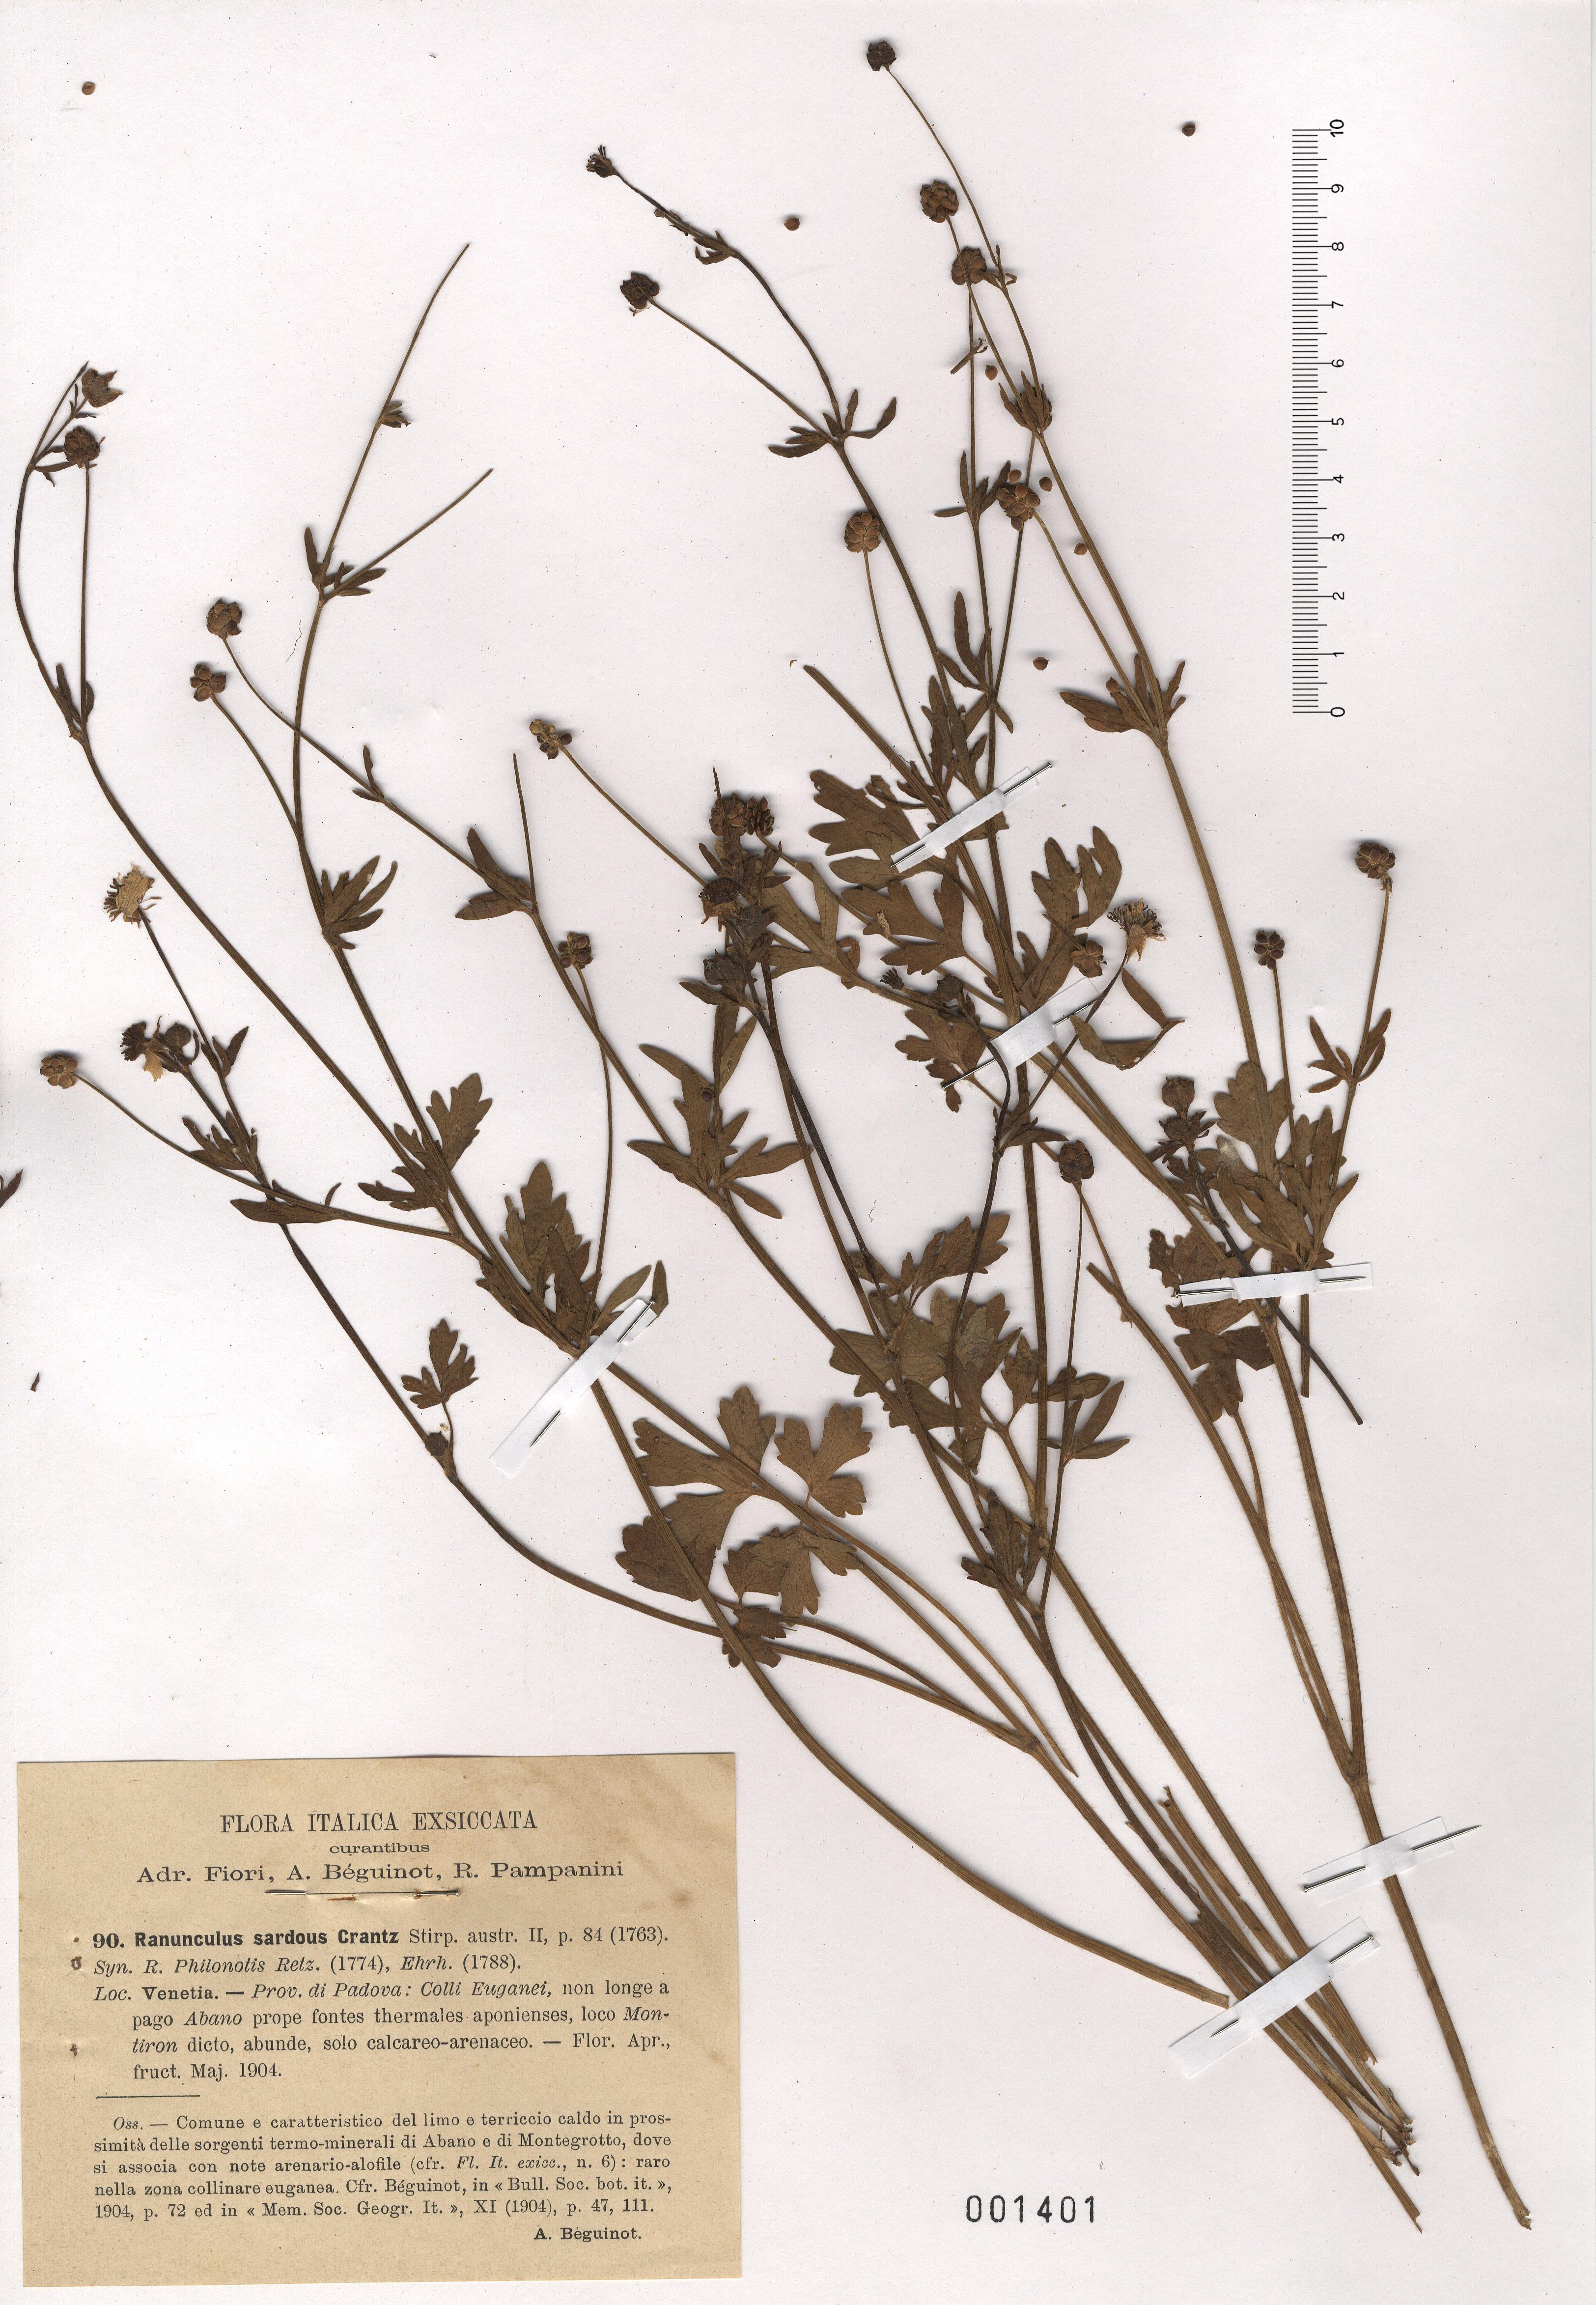 © Hortus Botanicus Catinensis - Herb. sheet 001401<br>